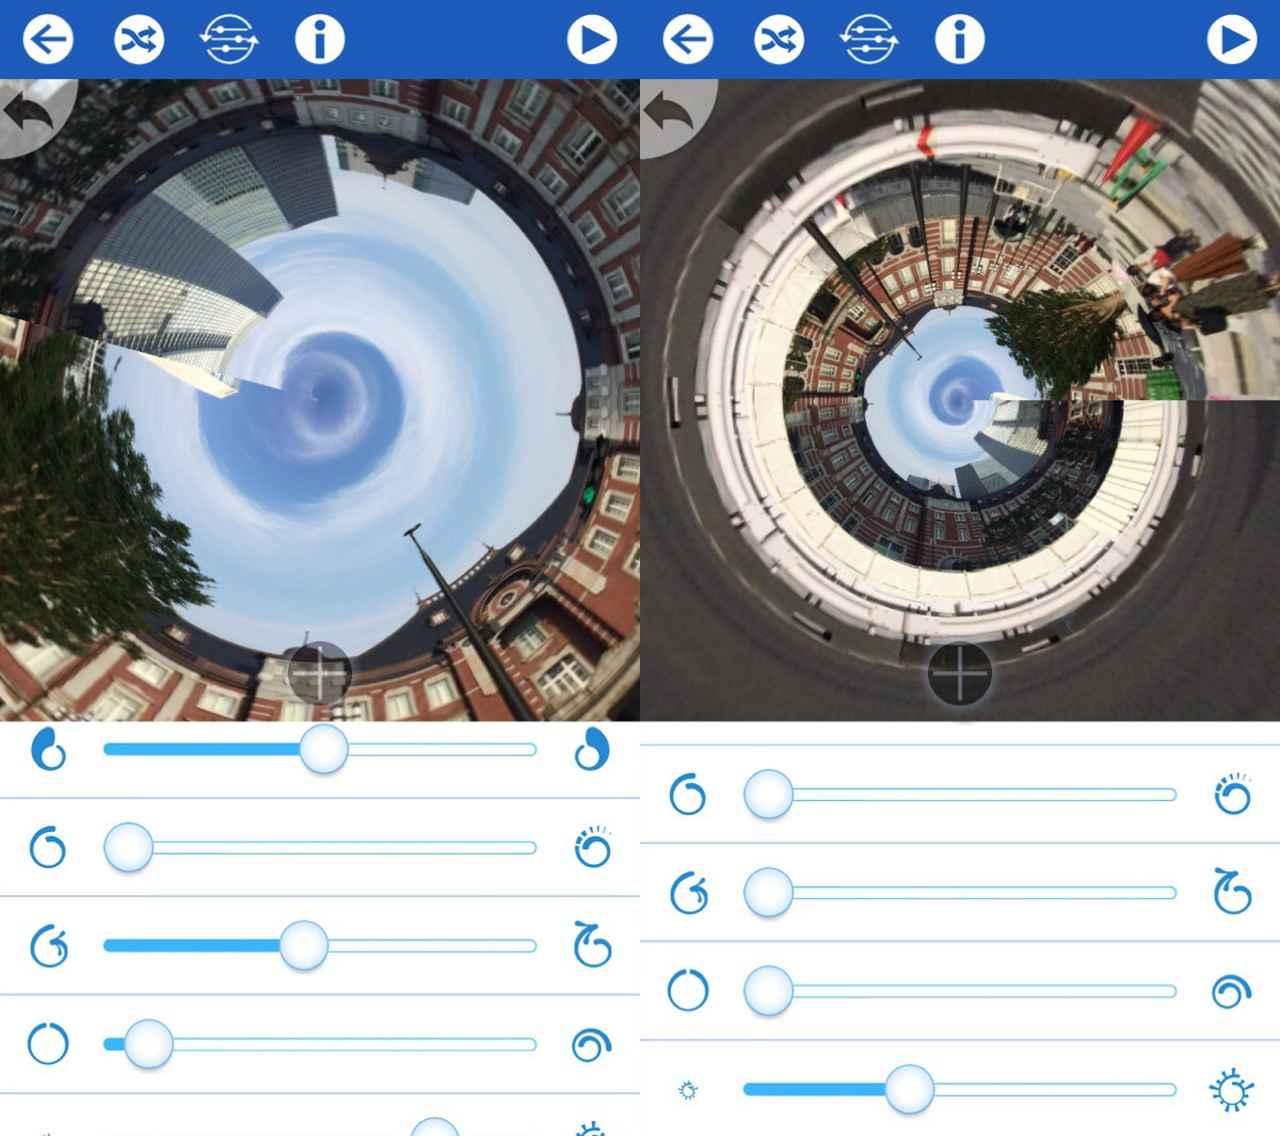 画像3: 読み込んで直感で操作するだけで360°写真が完成!